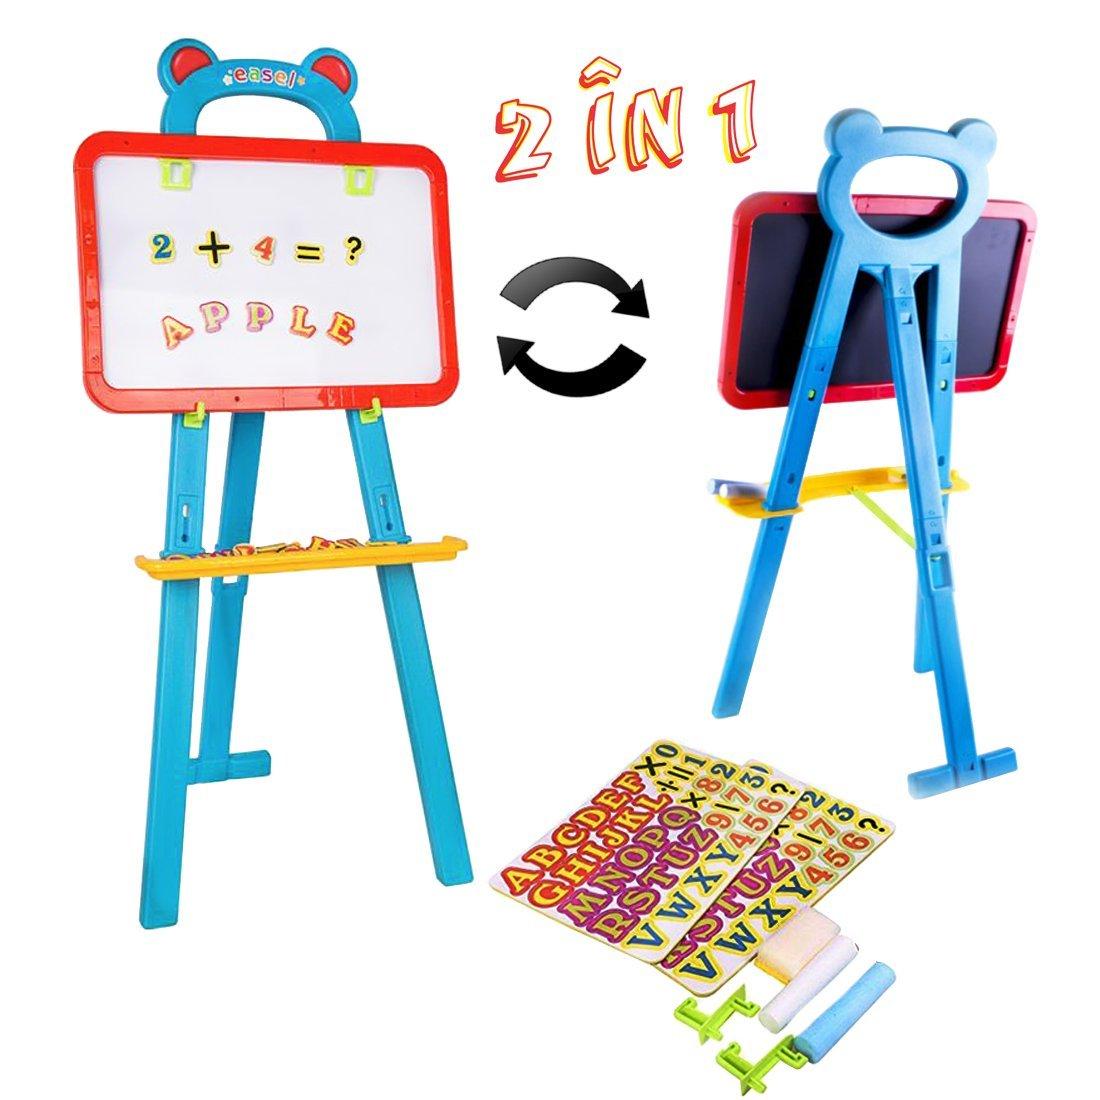 deAO Cavalletto Artistico per Bambini Lavagne Doppia Faccia (2in1 Giro Rapido) - Lavagne e Lavagnette Set Include 84 Magneti e Due Gesso DB-B